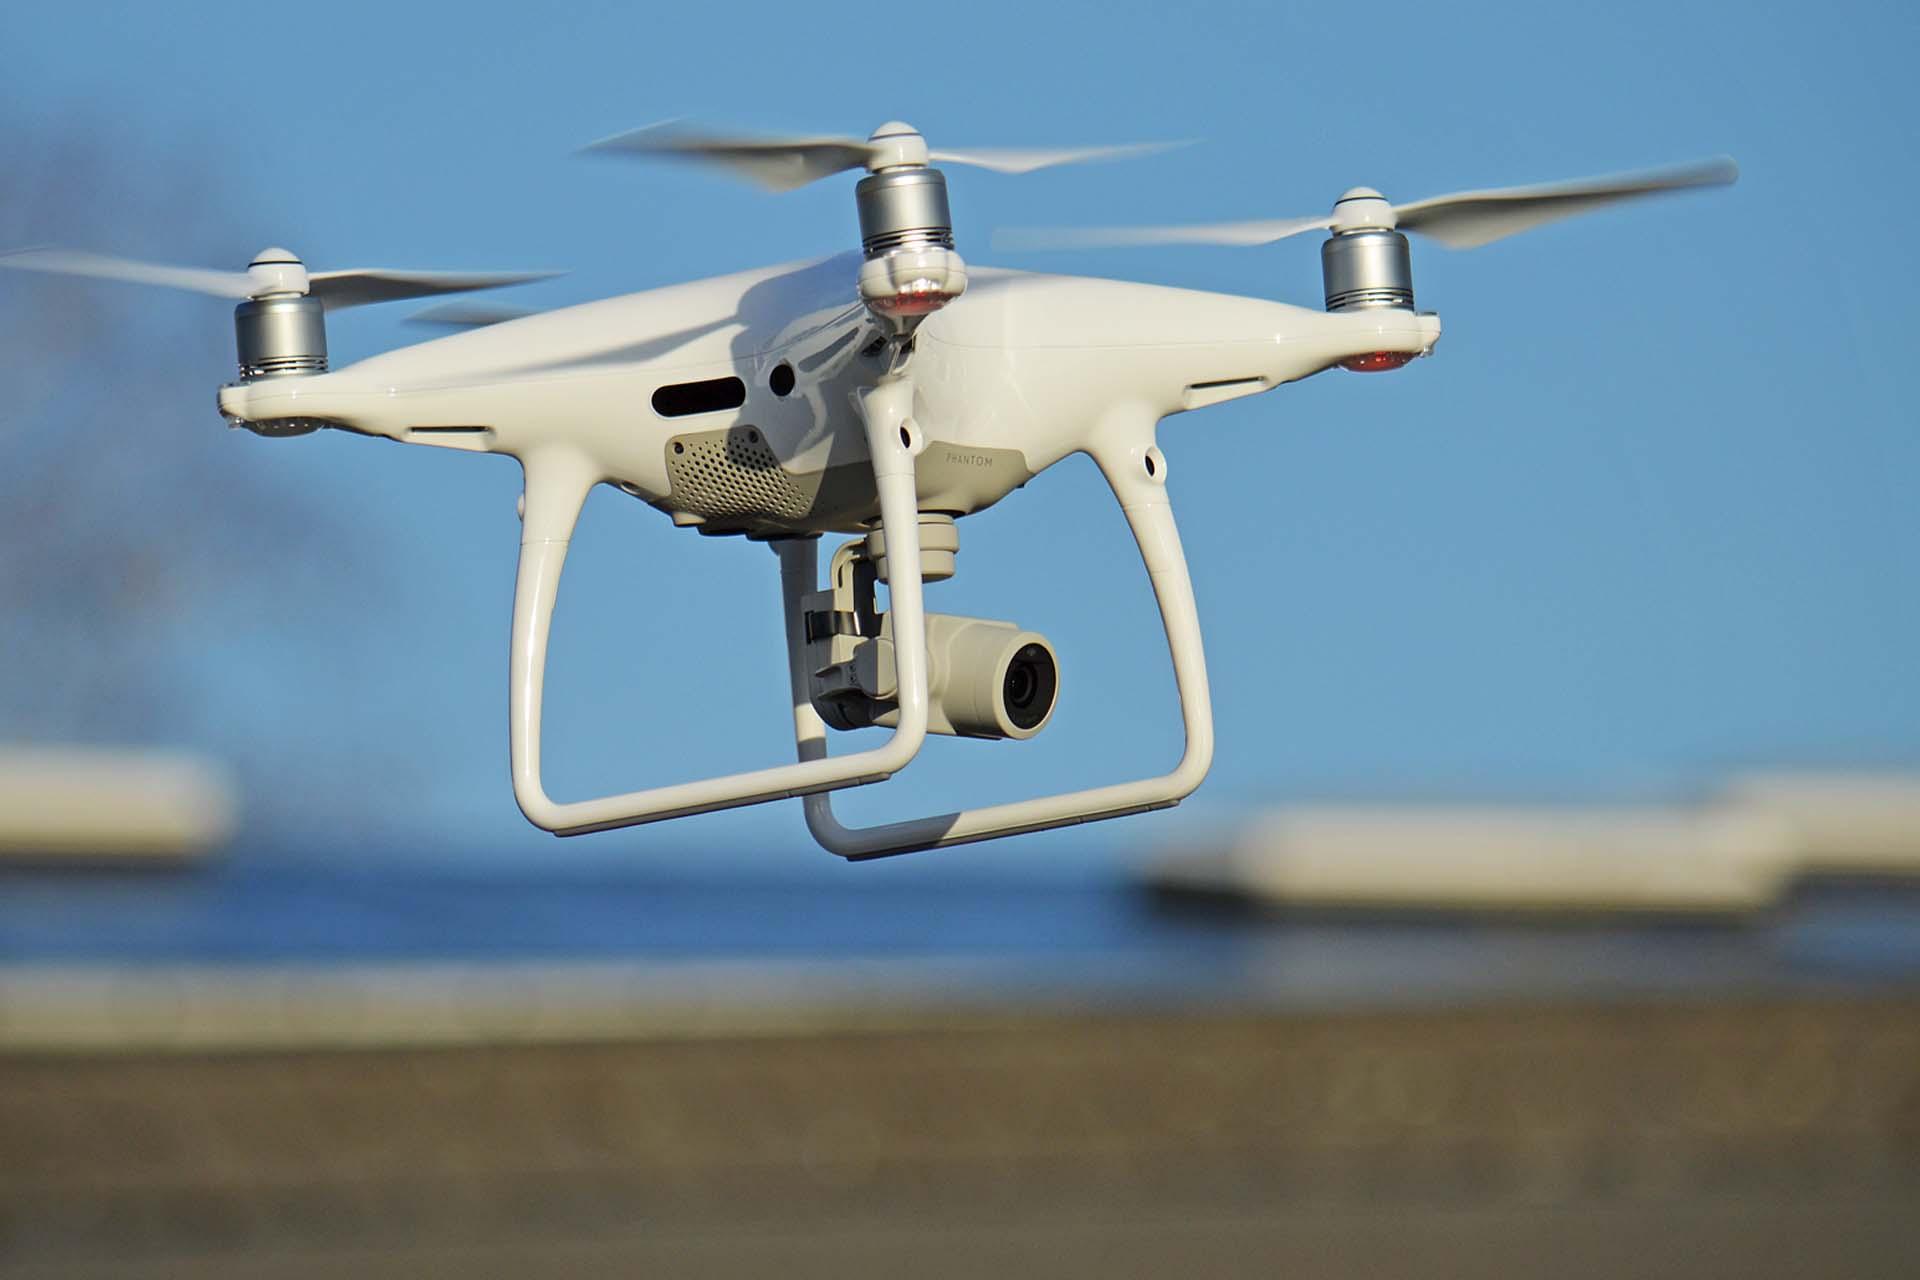 Drohnenschulung in NRW